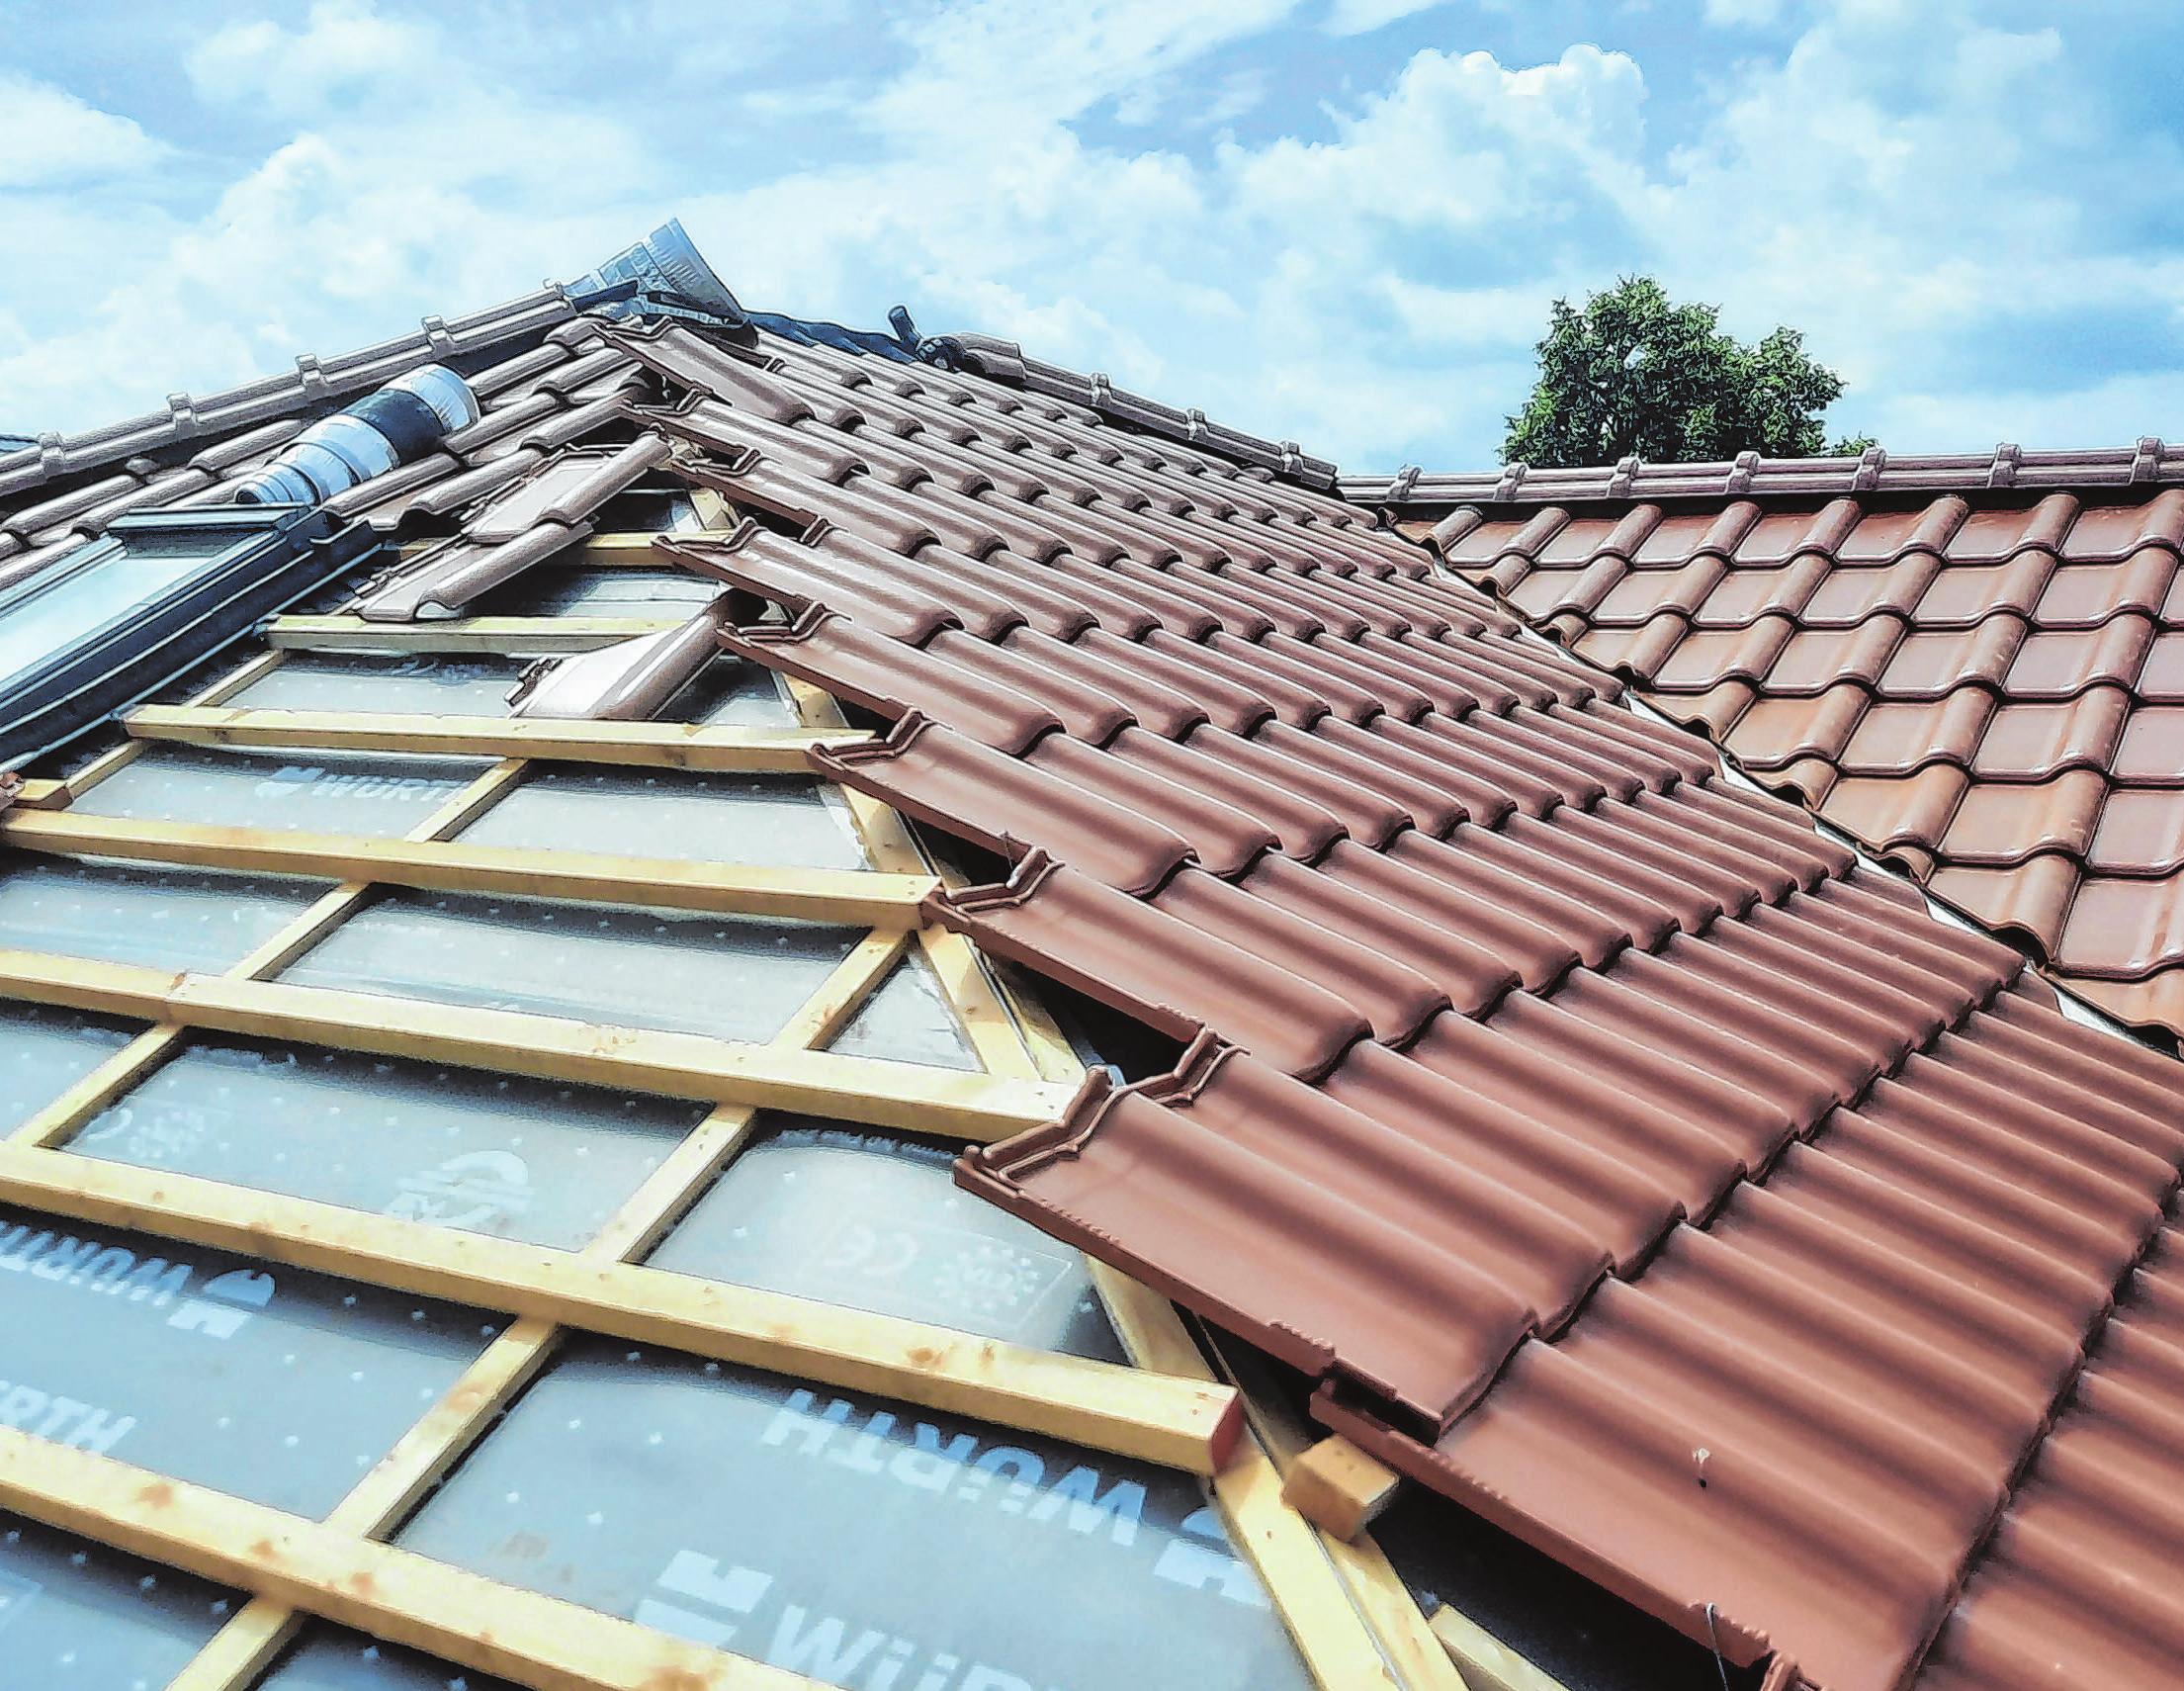 Die Dächer wurden mit kupferfarbenen Tondachziegeln eingedeckt. Foto: Christine Schilg